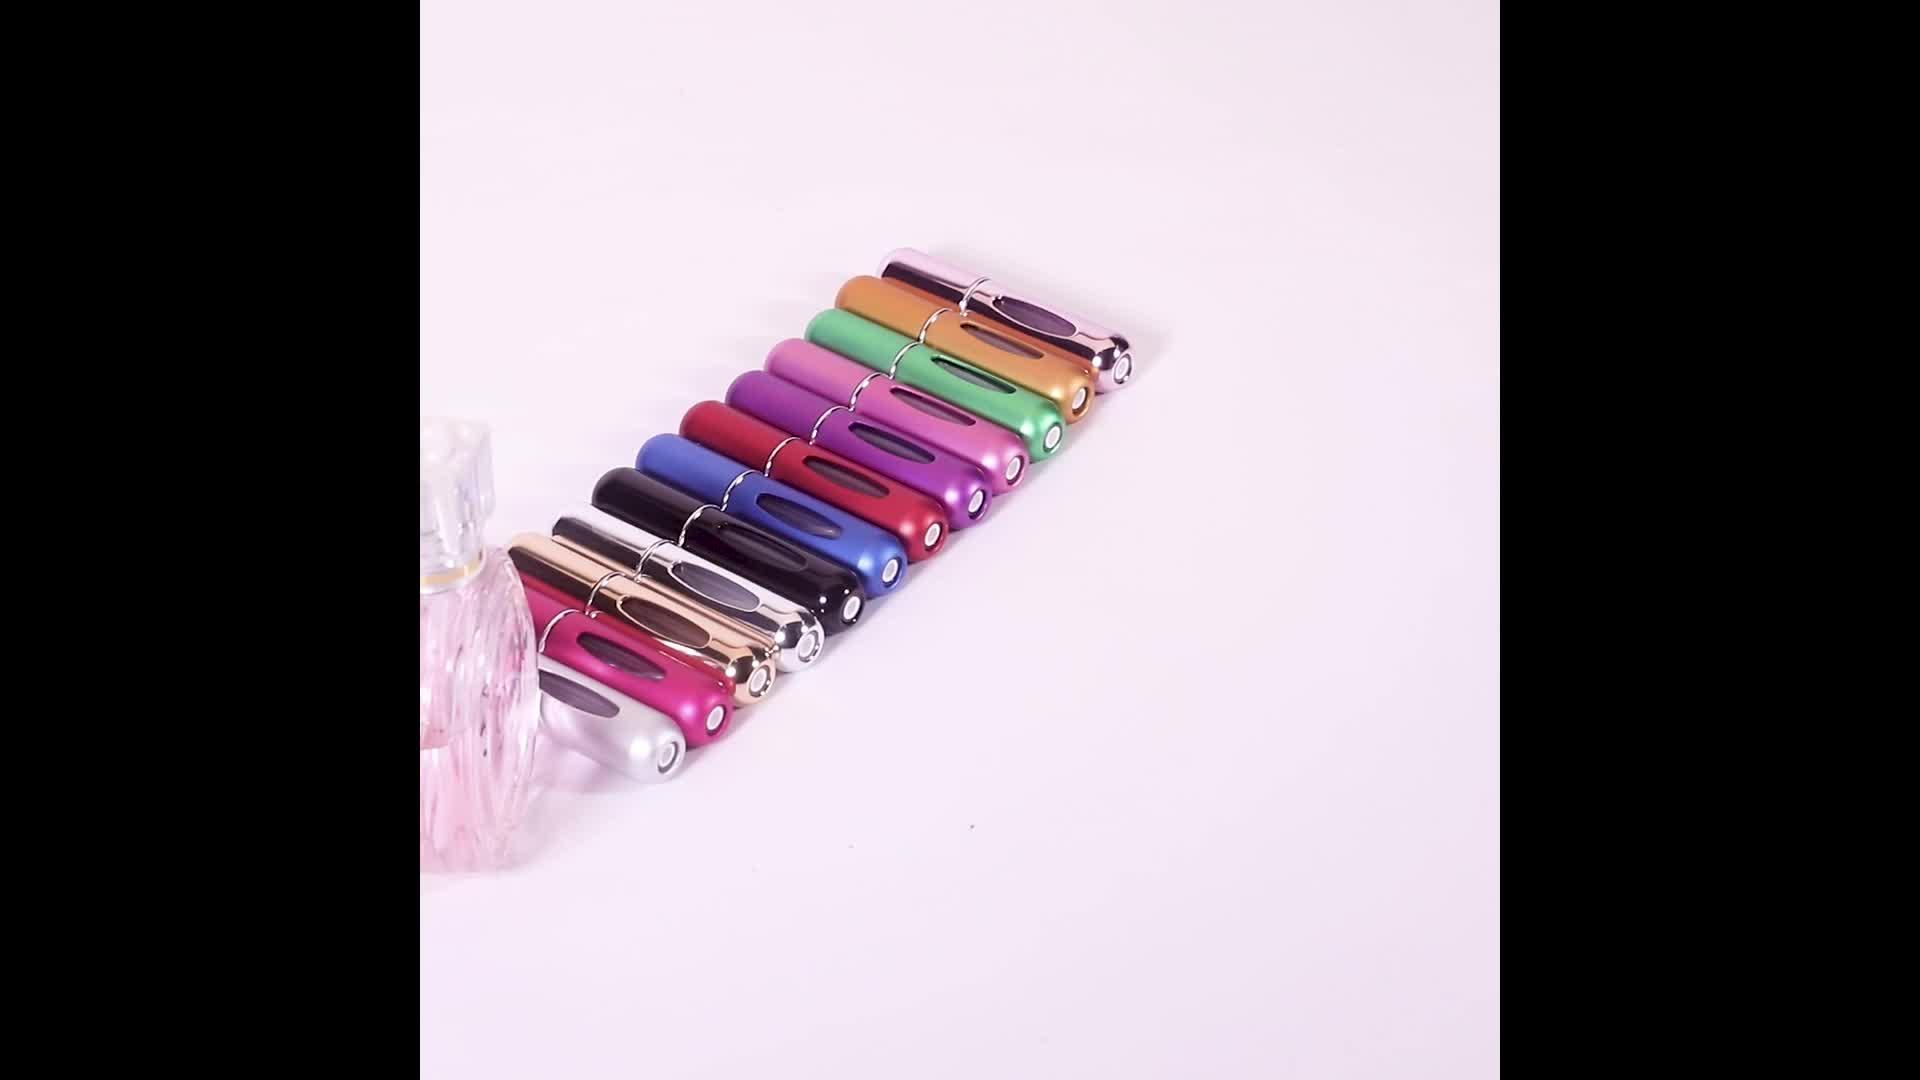 2 ml frasco de spray de 3 ml mini tamanho de bolso de plástico para frascos de amostra de perfume embalagem